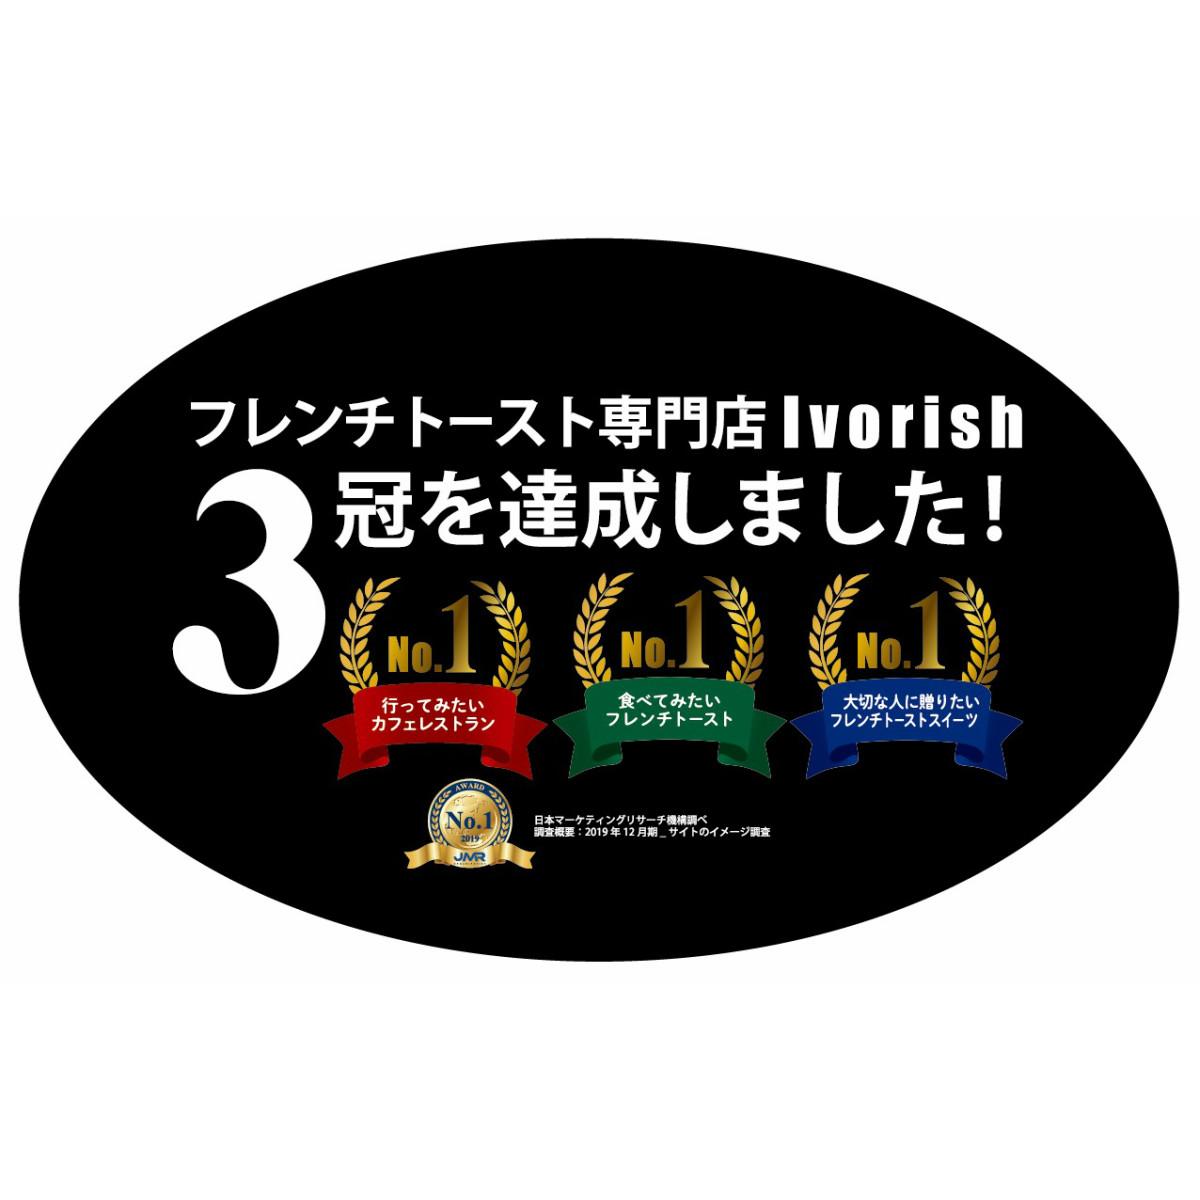 フレンチトーストチーズフィナンシェ(6個入り)(福岡便)